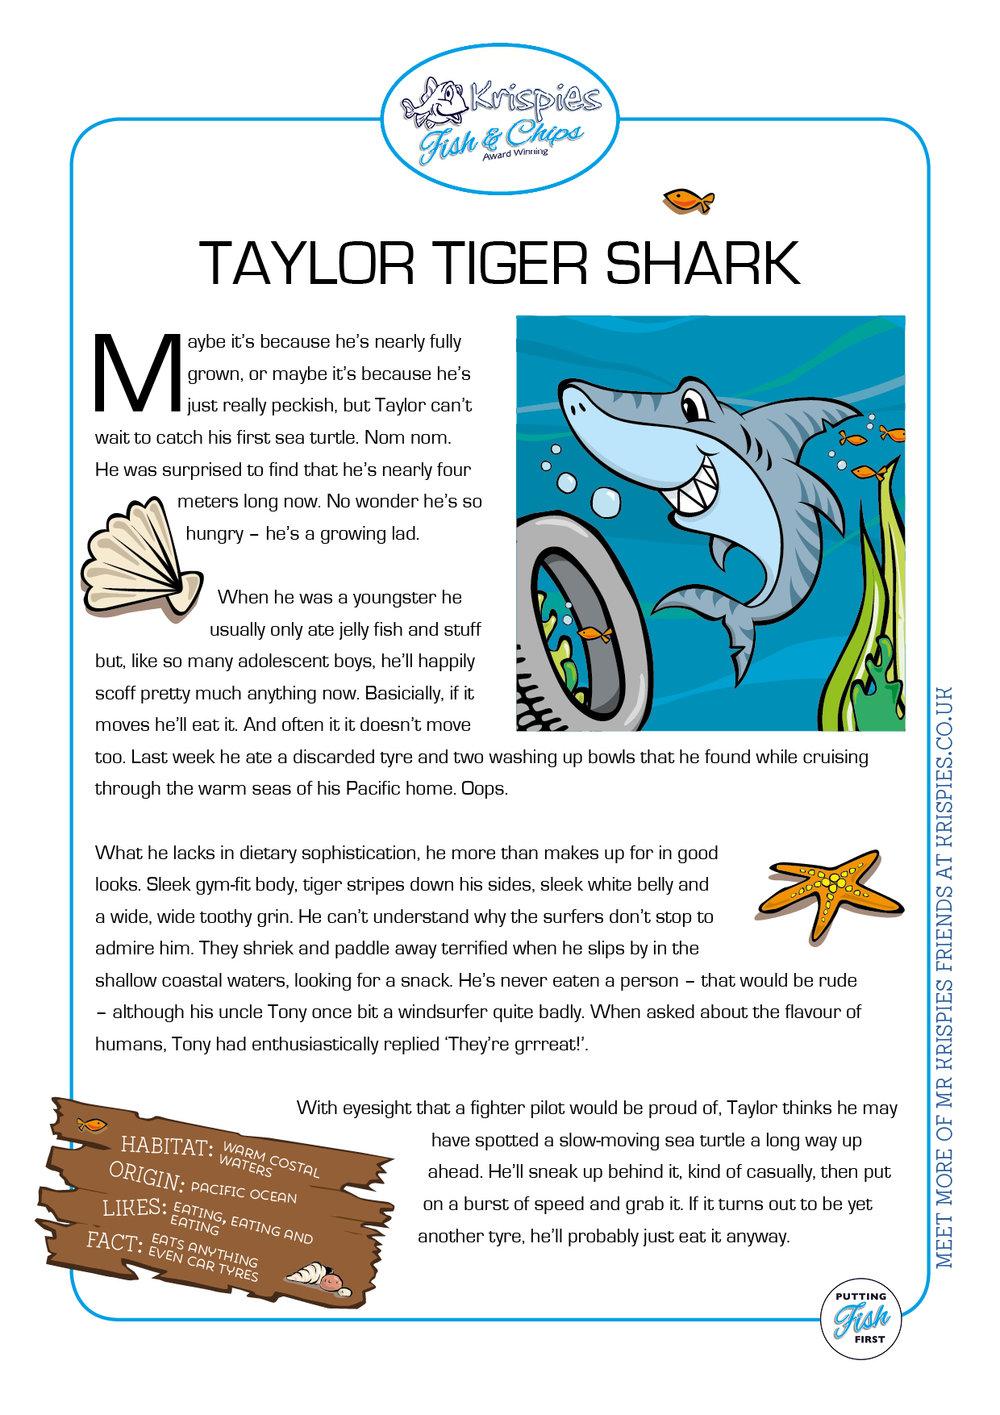 TaylorTigerShark.jpg